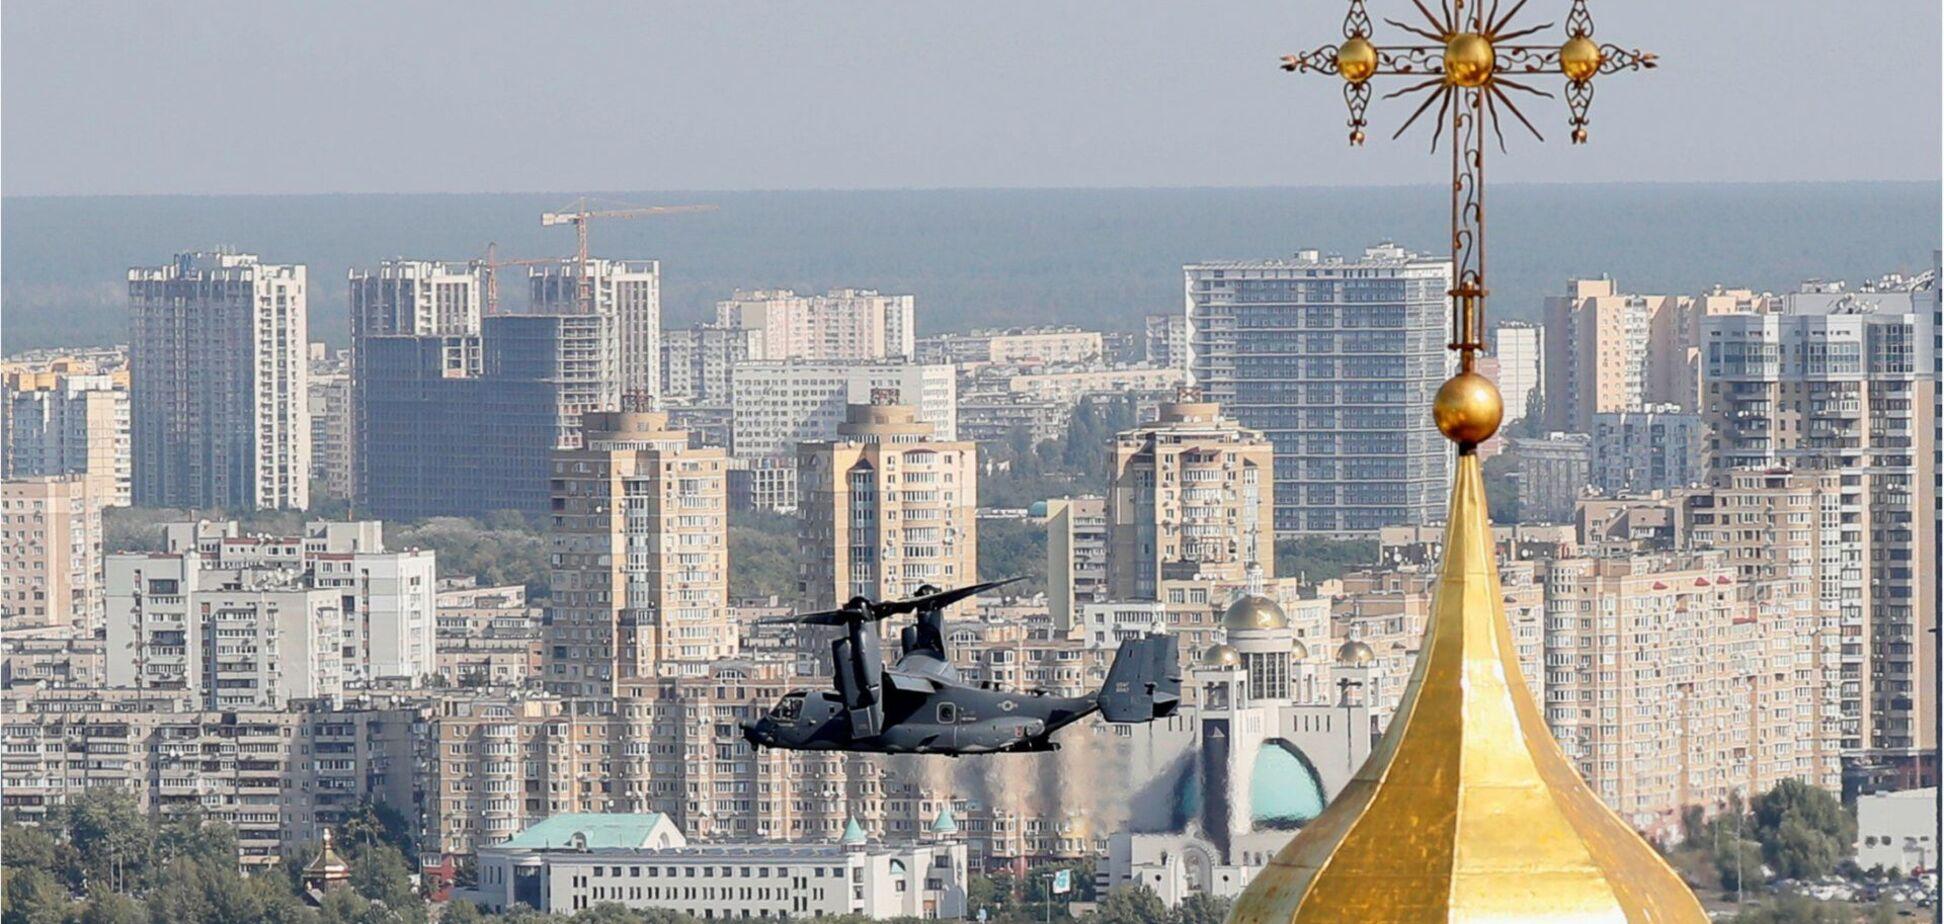 Над Киевом пролетели конвертопланы CV-22B Osprey военно-воздушных сил США